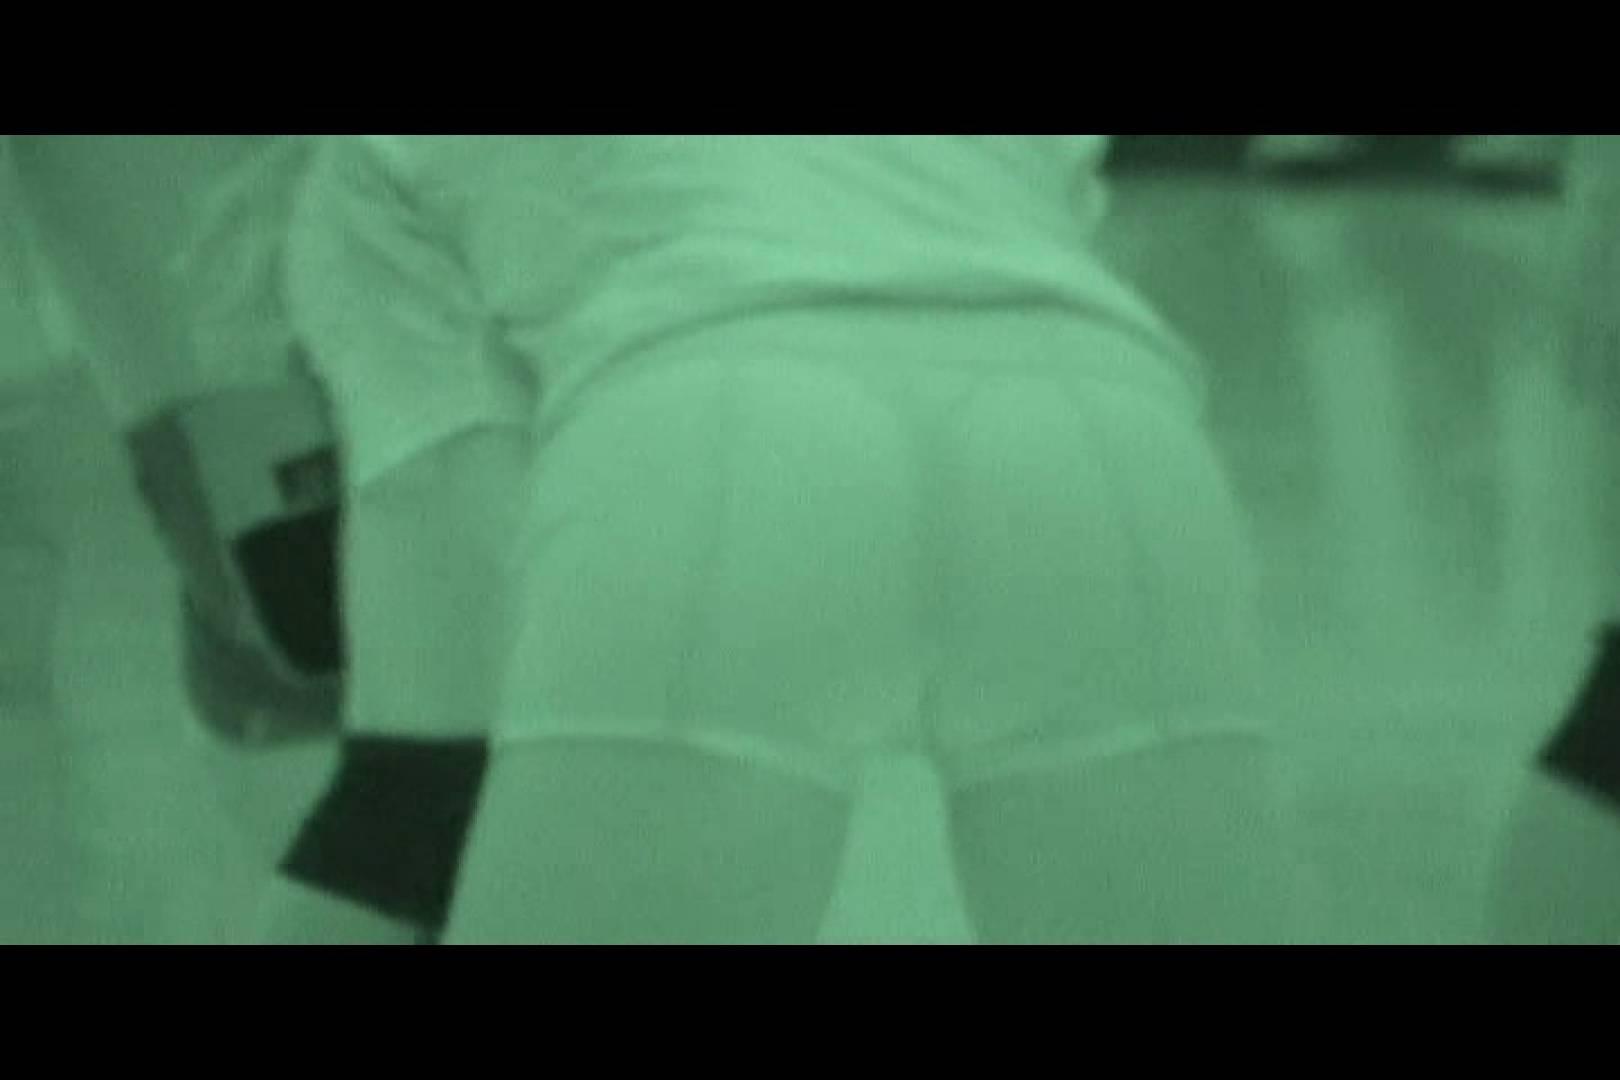 赤外線ムレスケバレー(汗) vol.16 OLのエロ生活 オマンコ動画キャプチャ 21連発 8